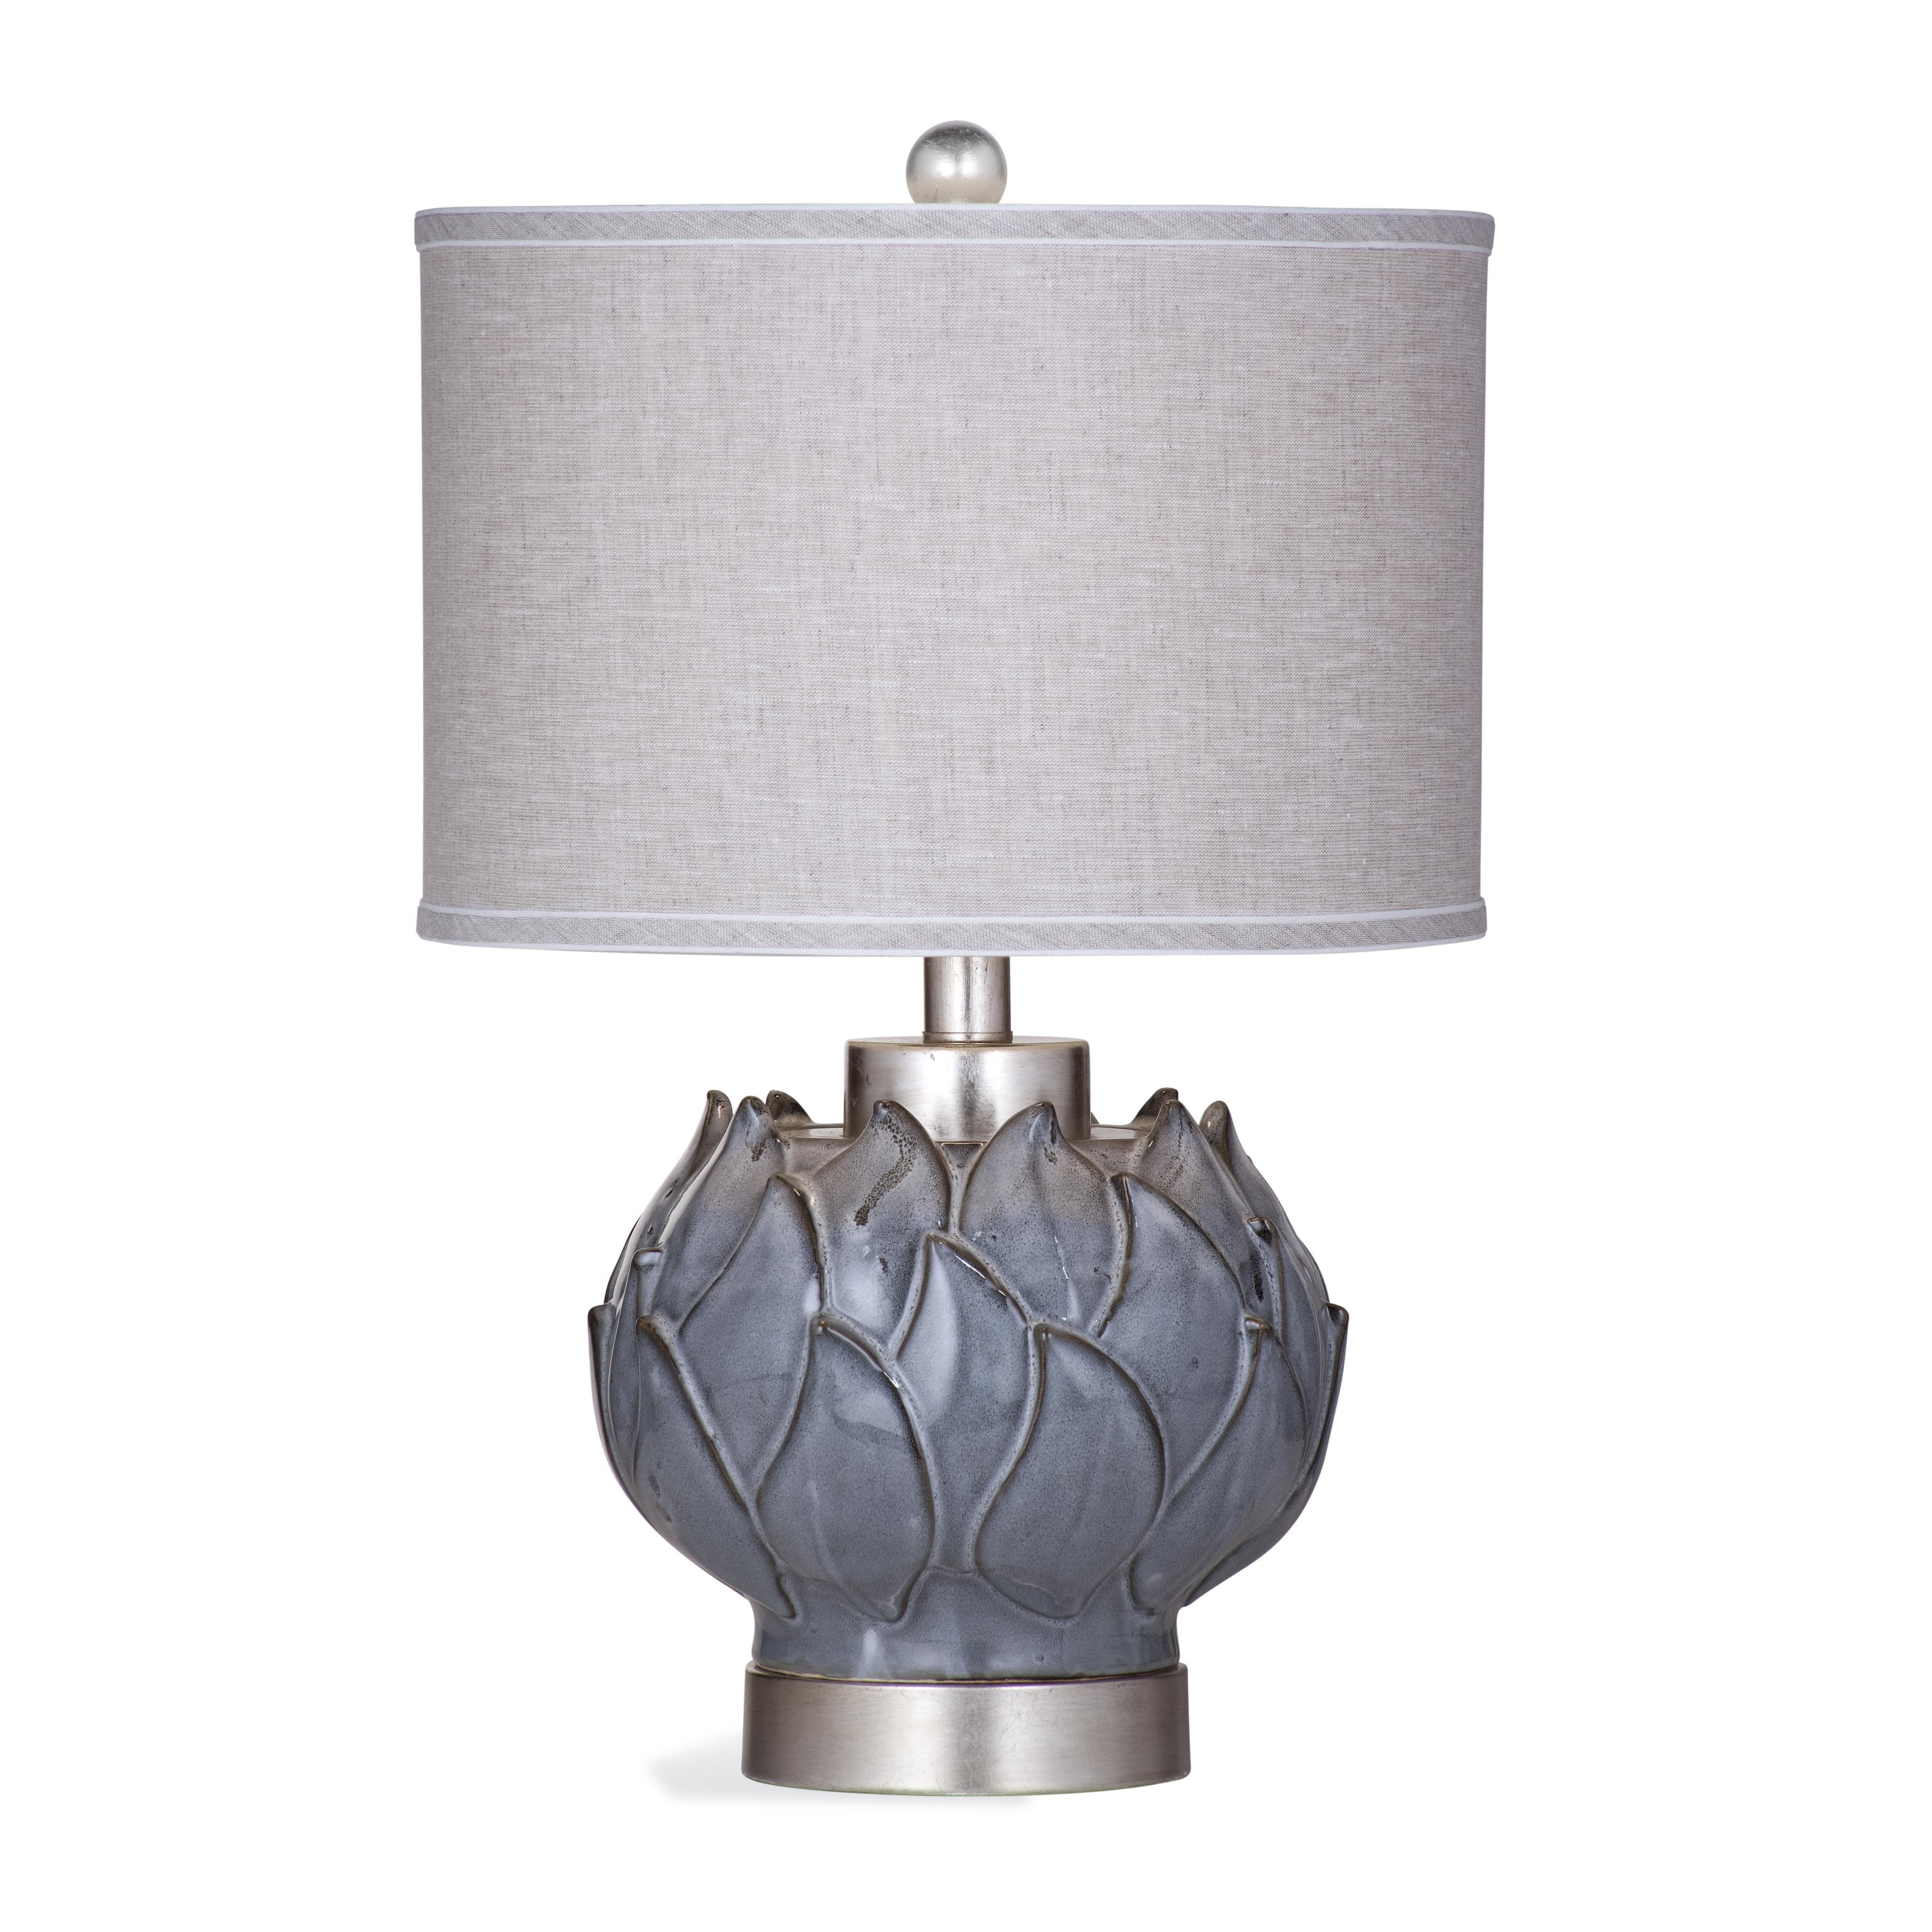 Merrill Table Lamp